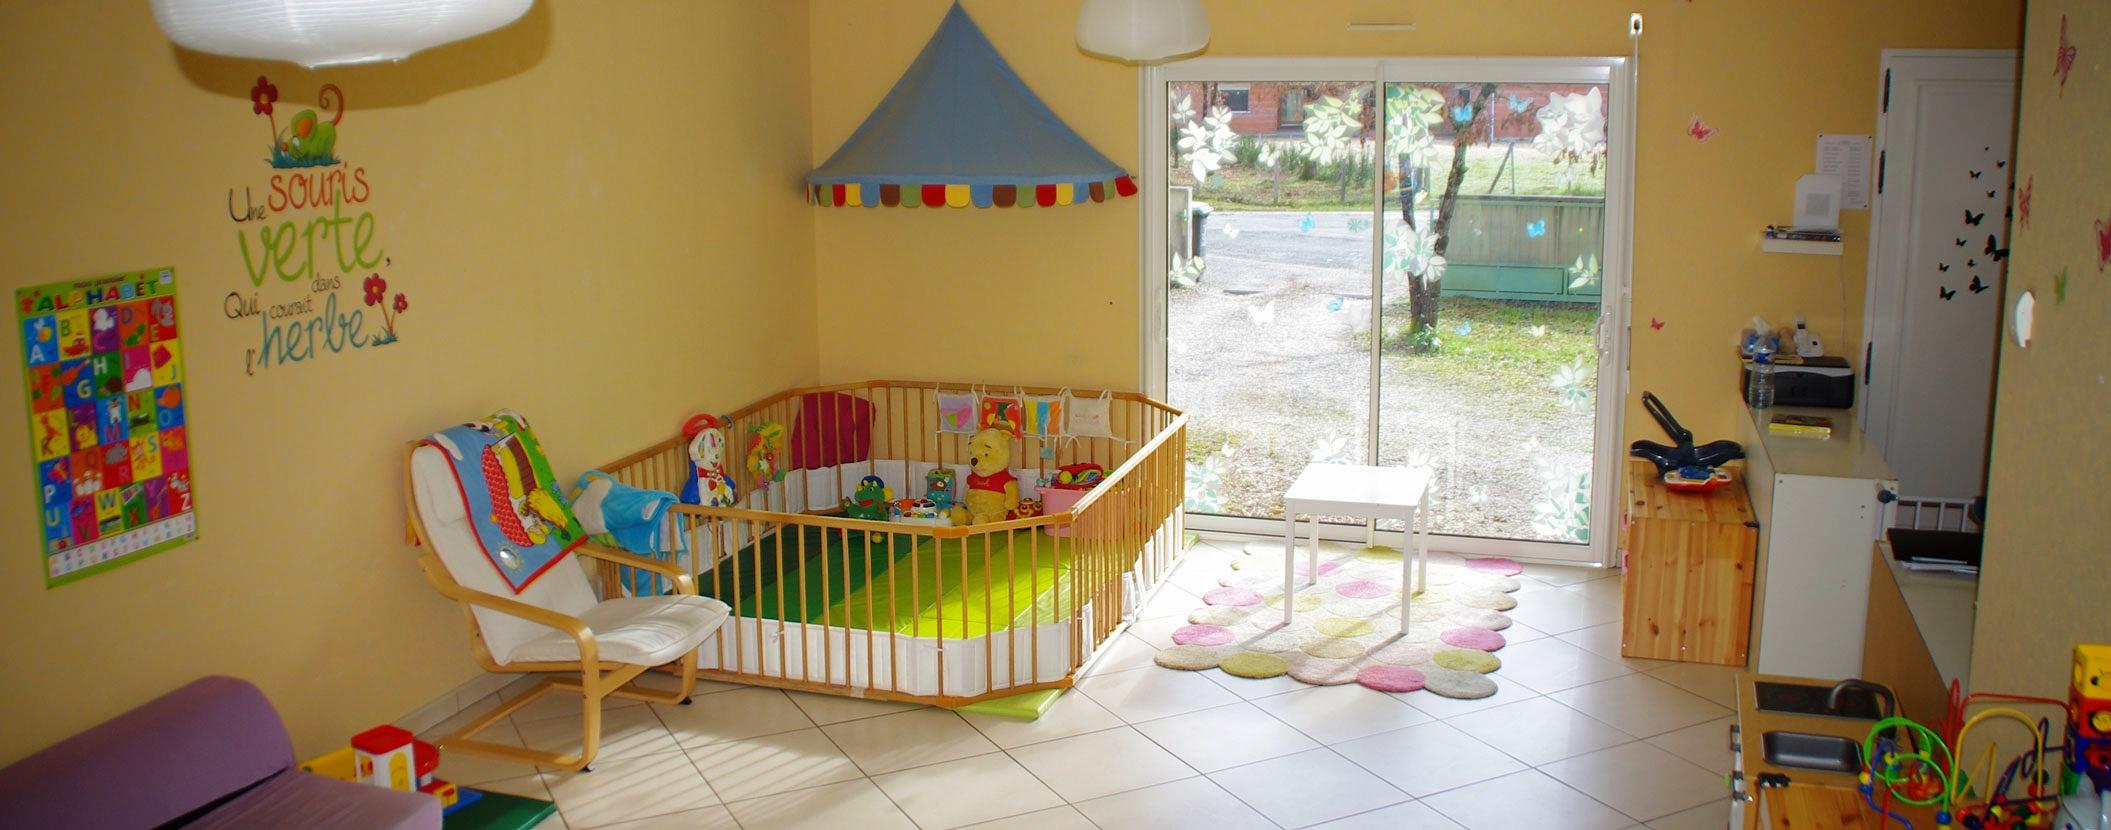 mam maison assistance maternelle avie home With electricite a la maison 6 maison dassistant maternel becb lingenierie de la